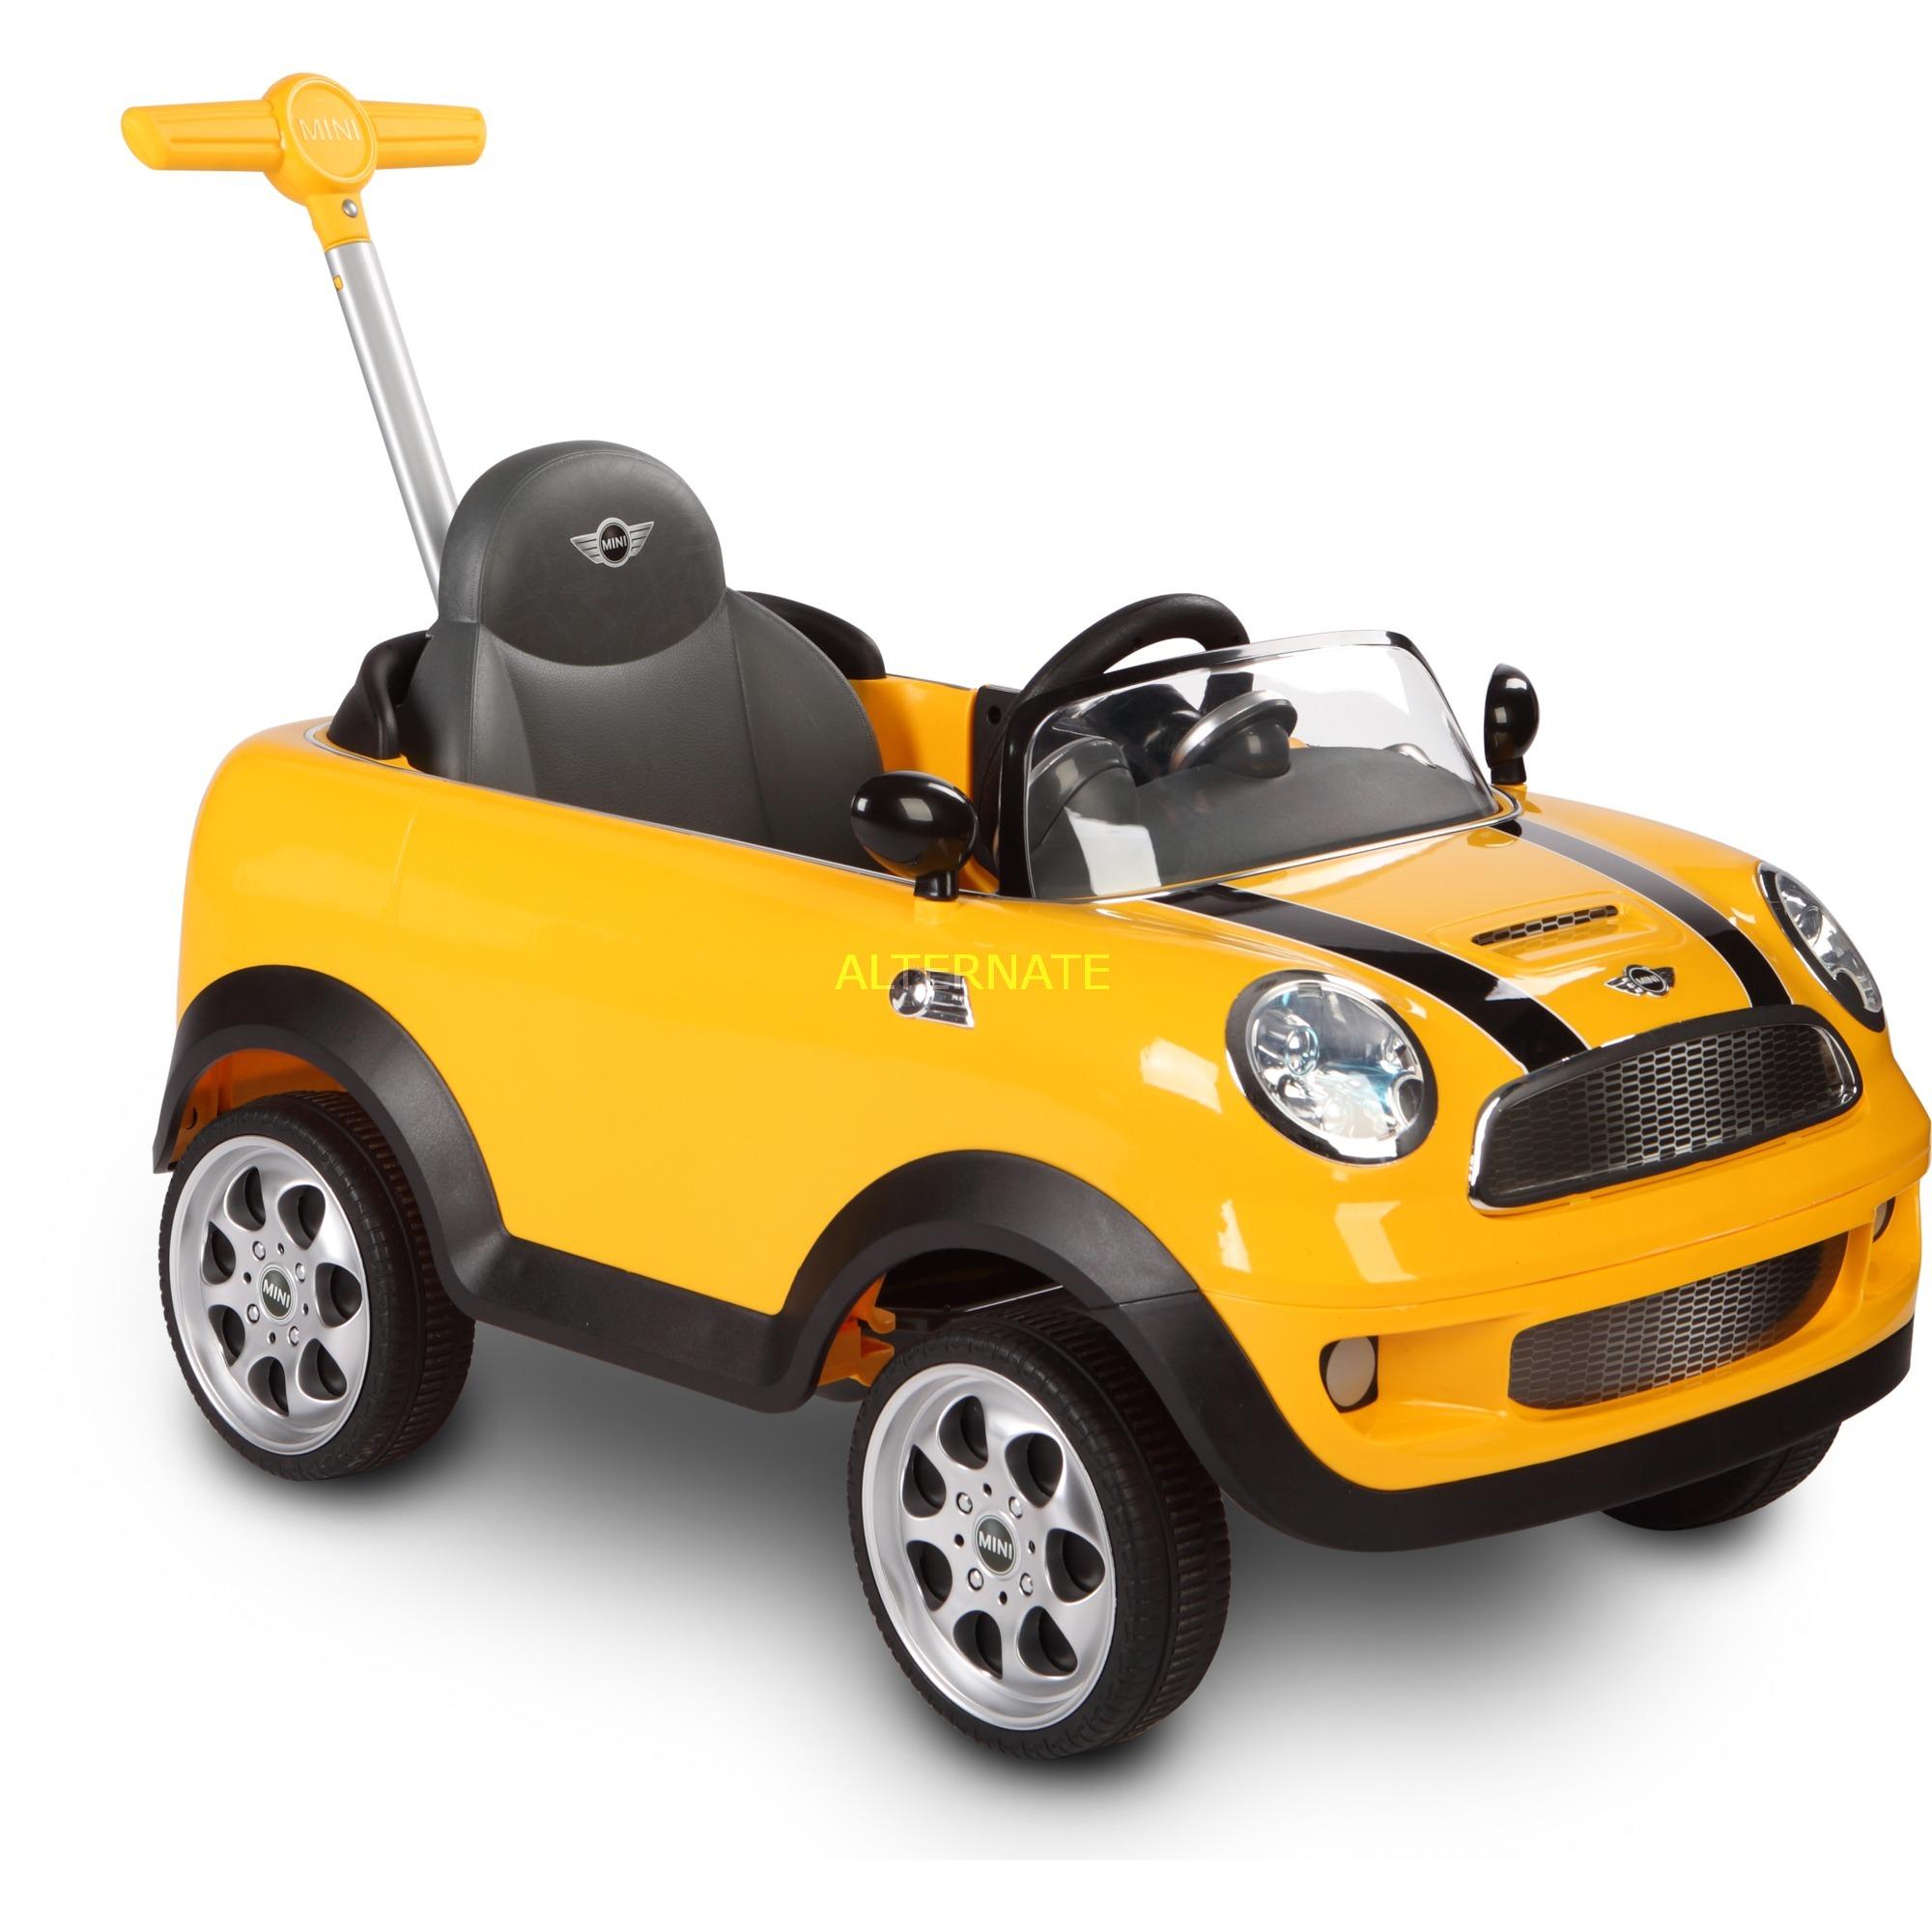 ZW455-42583, Automóvil de juguete